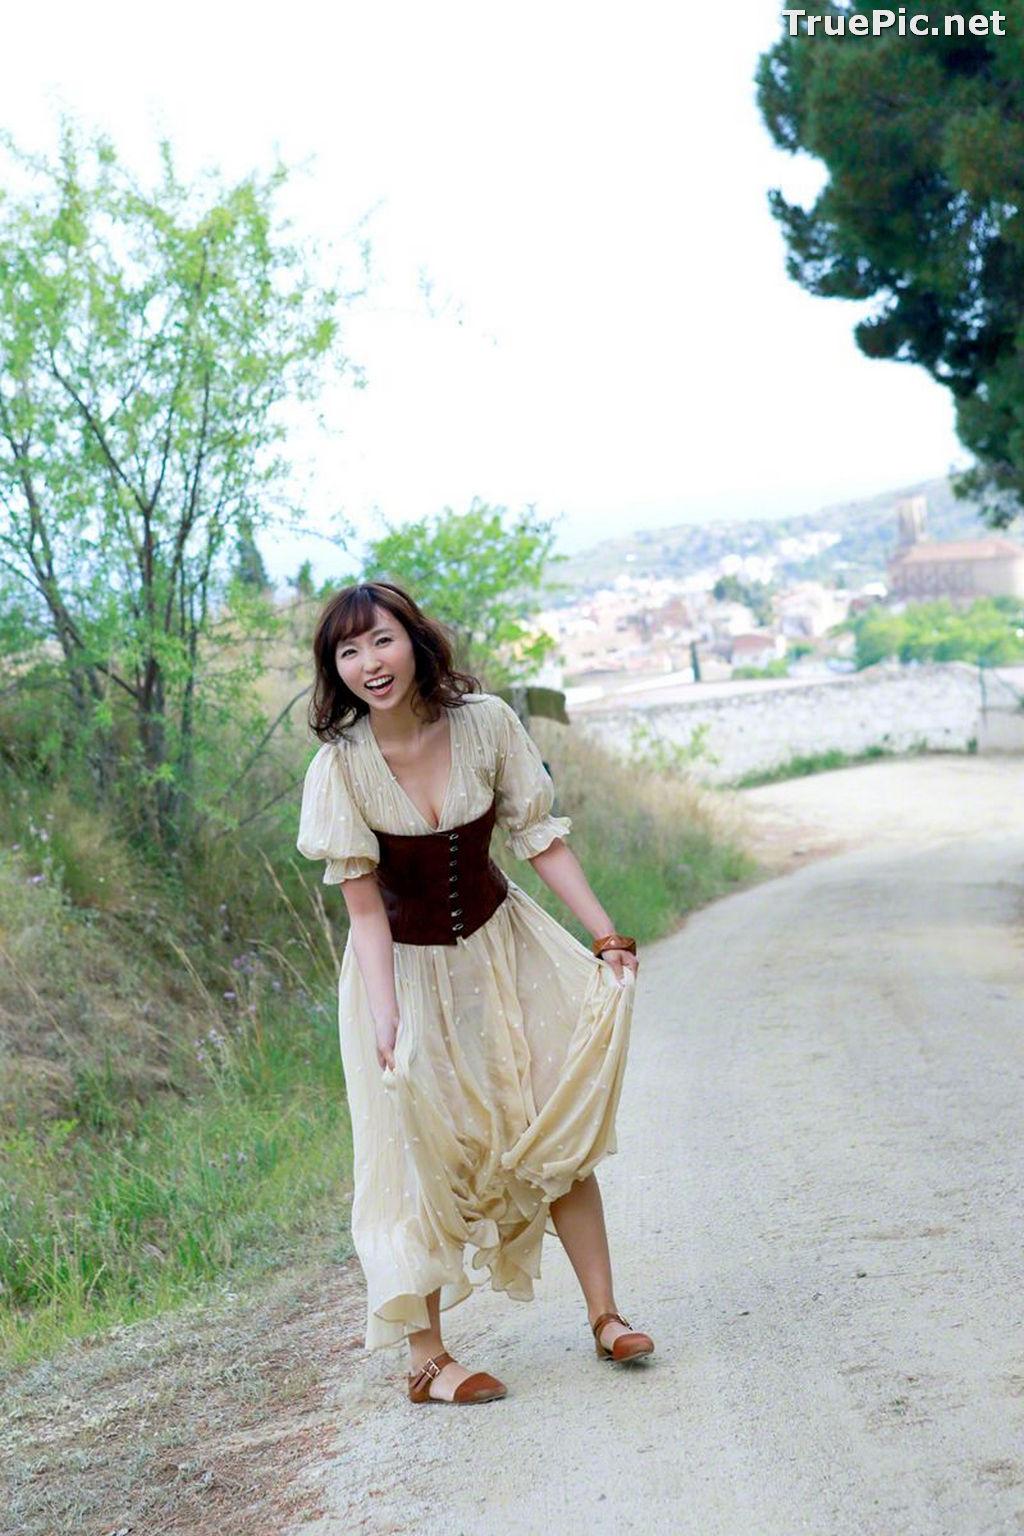 Image Wanibooks No.125 – Japanese Gravure Idol and Singer – Risa Yoshiki - TruePic.net - Picture-6